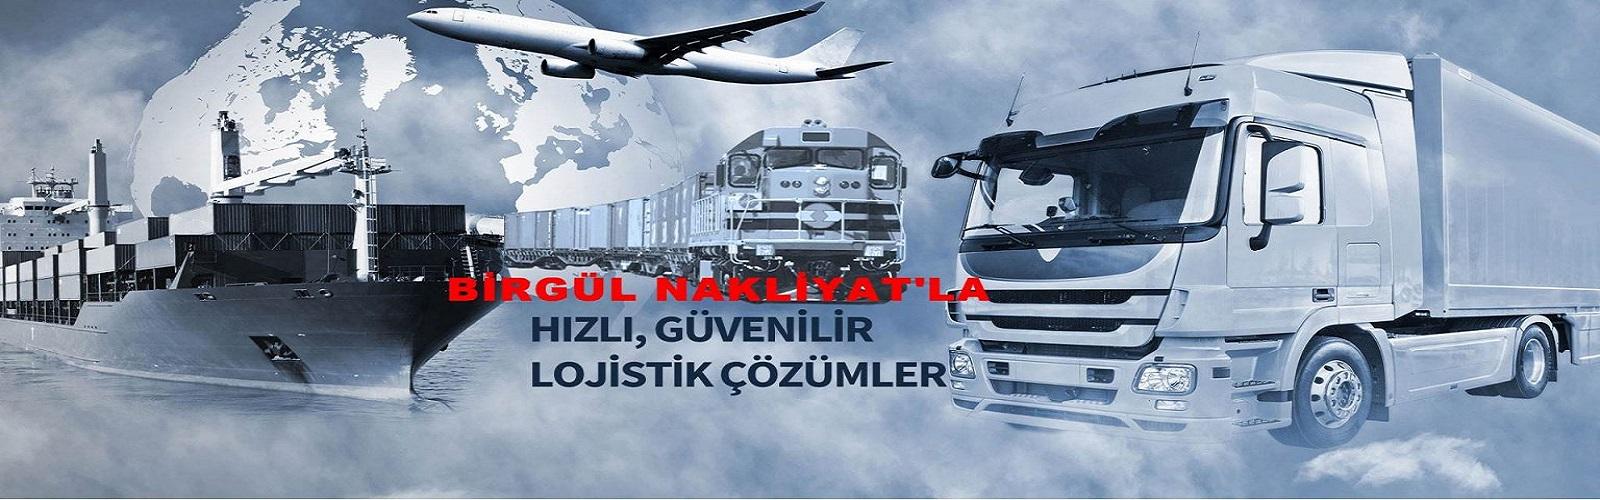 Birgul-Nakliyat-Istanbul-1 Şişli Evden Eve Nakliyat